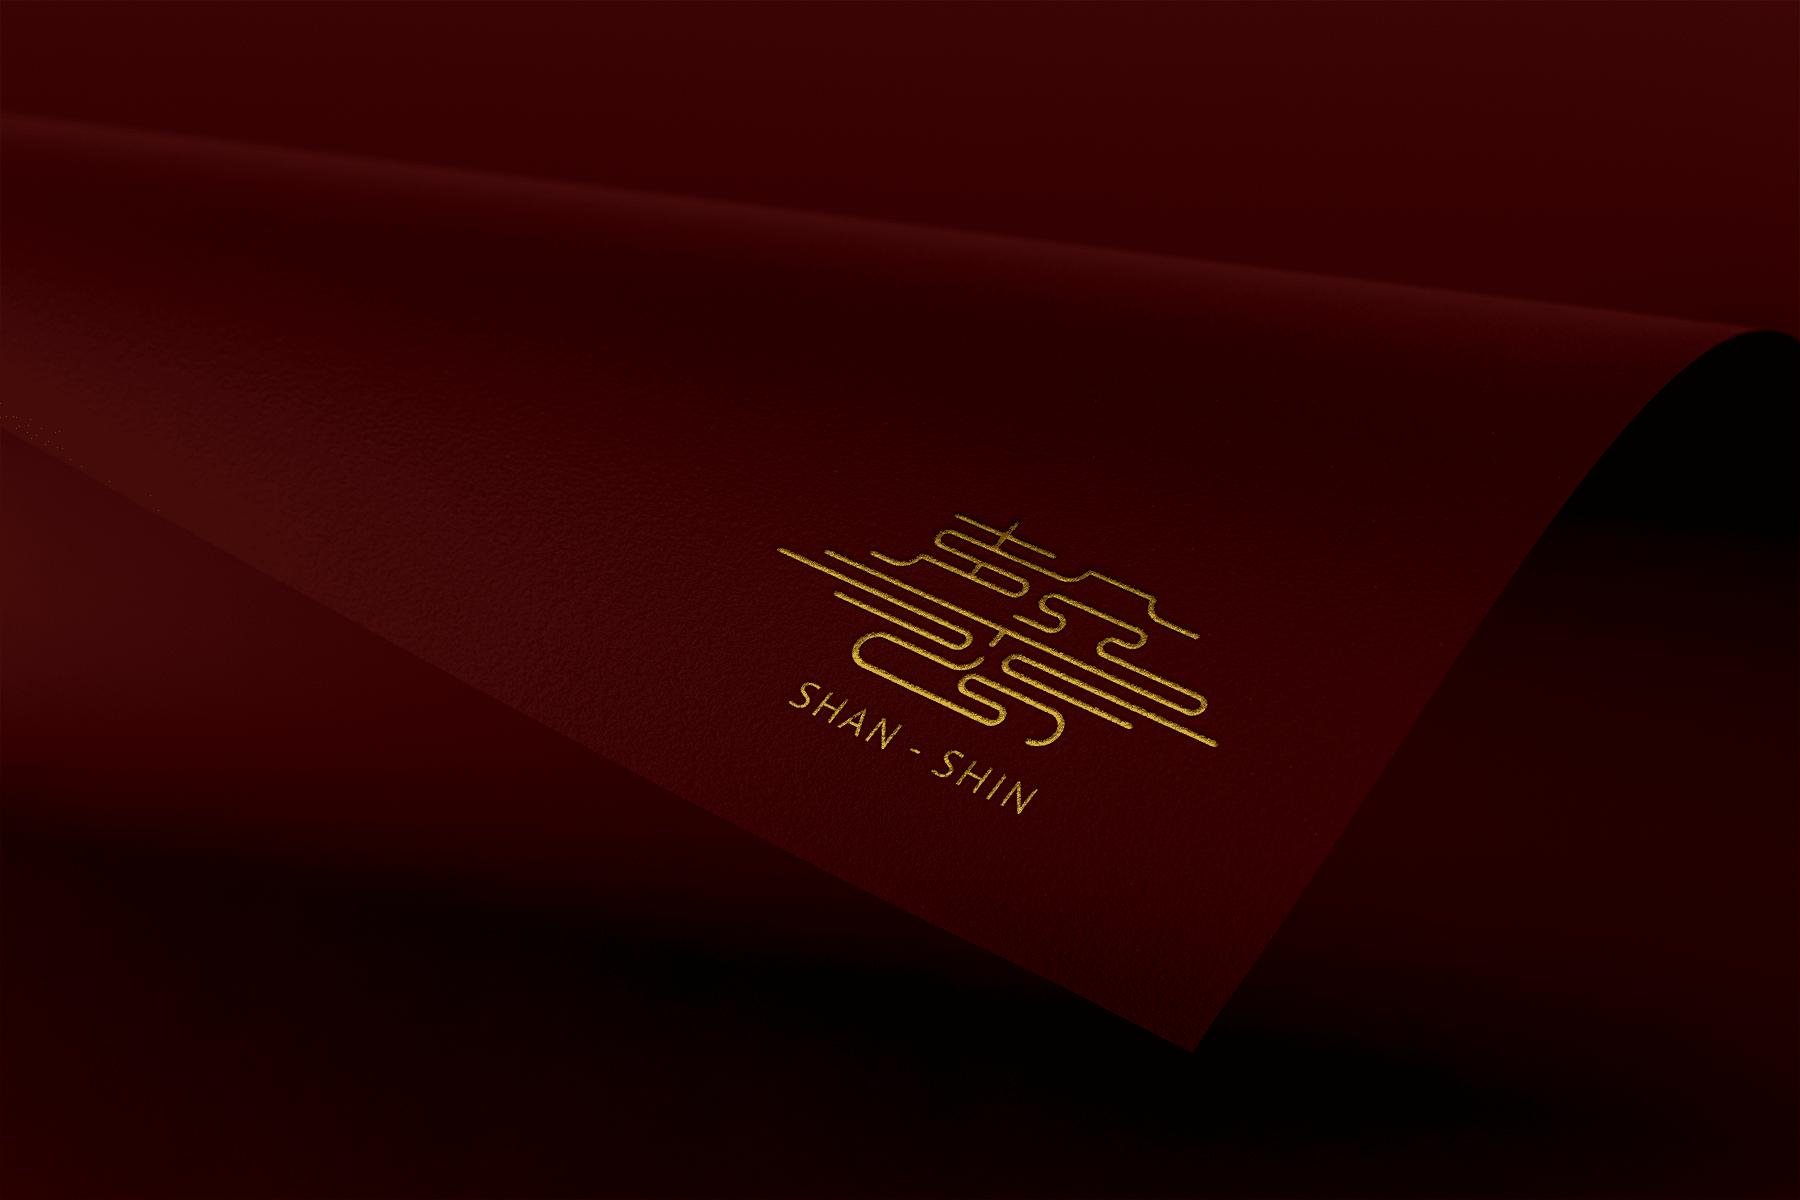 膳馨logo設計,獨一無二的中國風品牌字體,傳達香氣繚繞的意象。